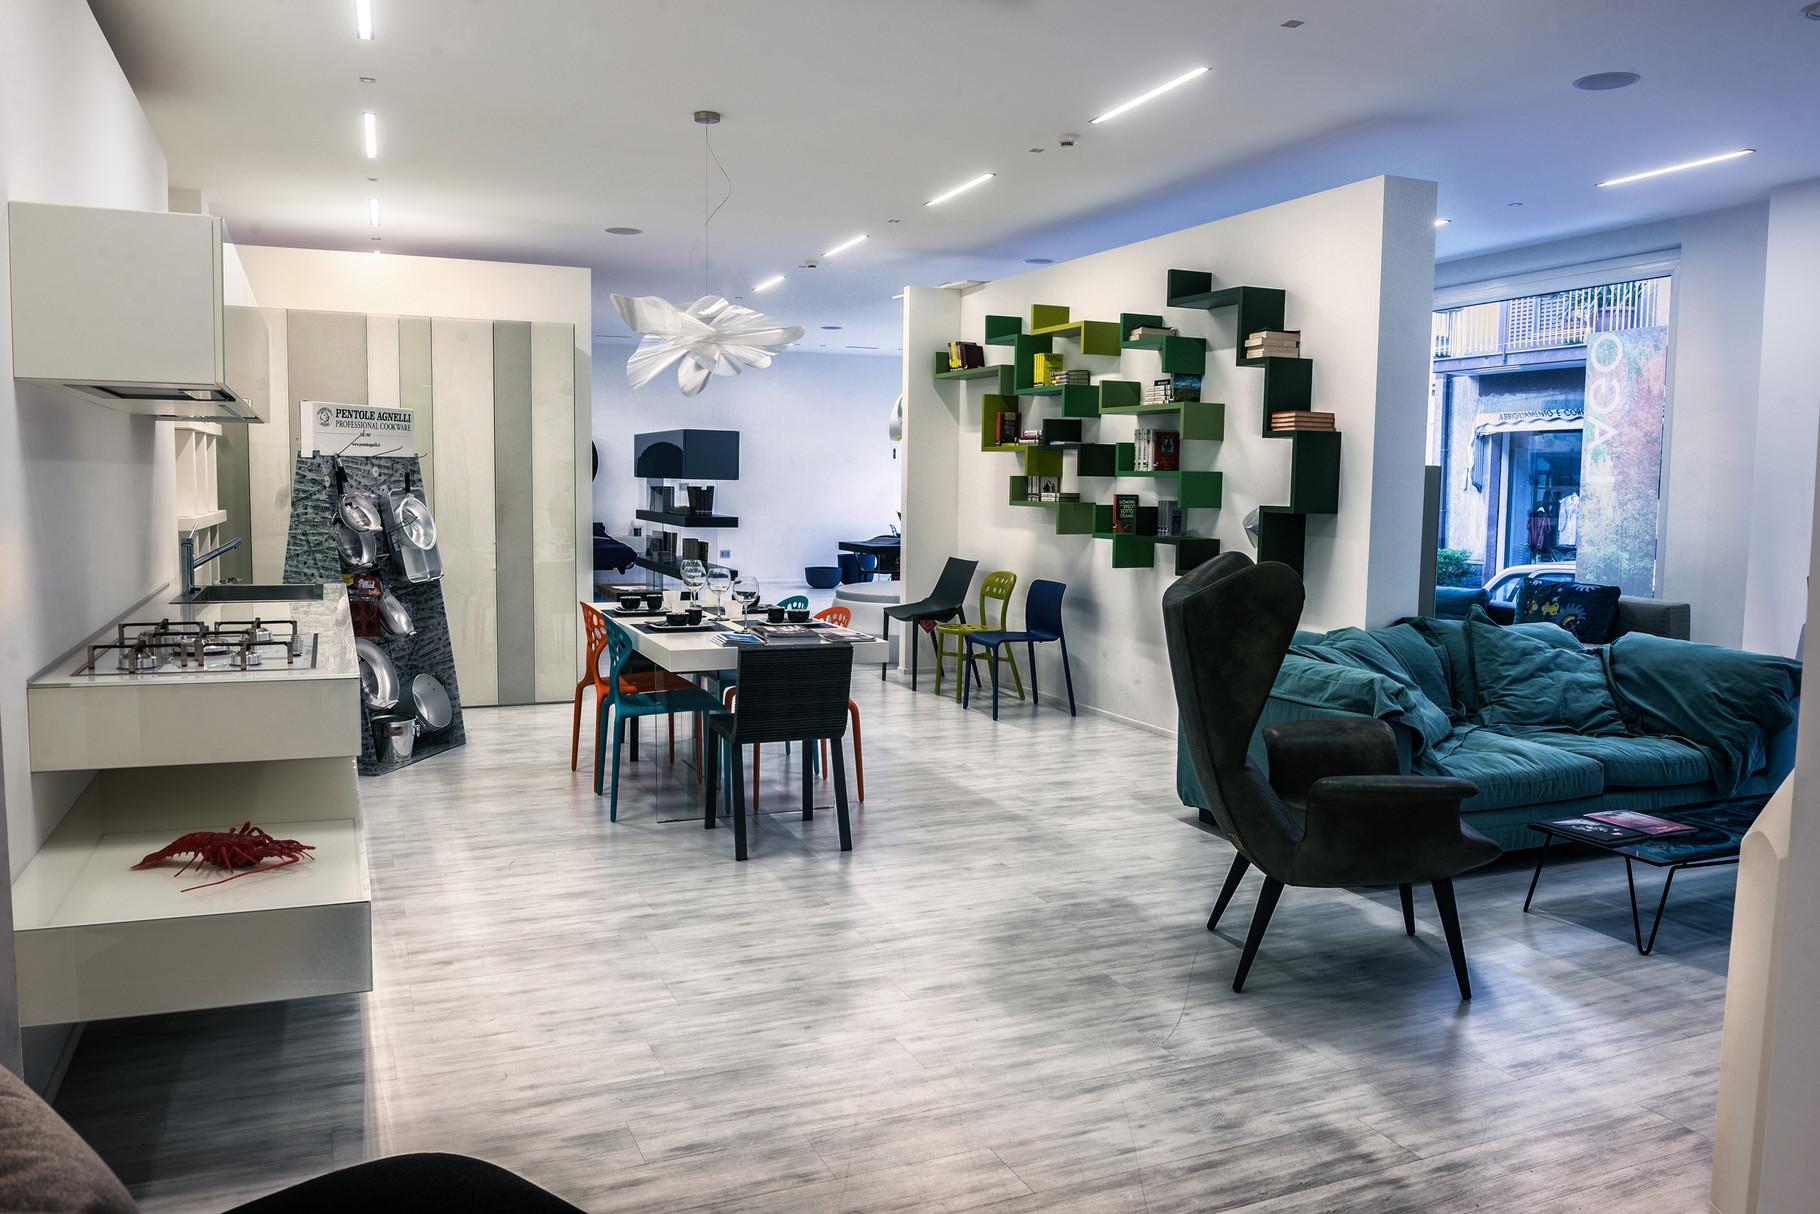 Arredamento Da Interno Moderno.Interior Design Cucine Moderne E Arredamento Casa Da